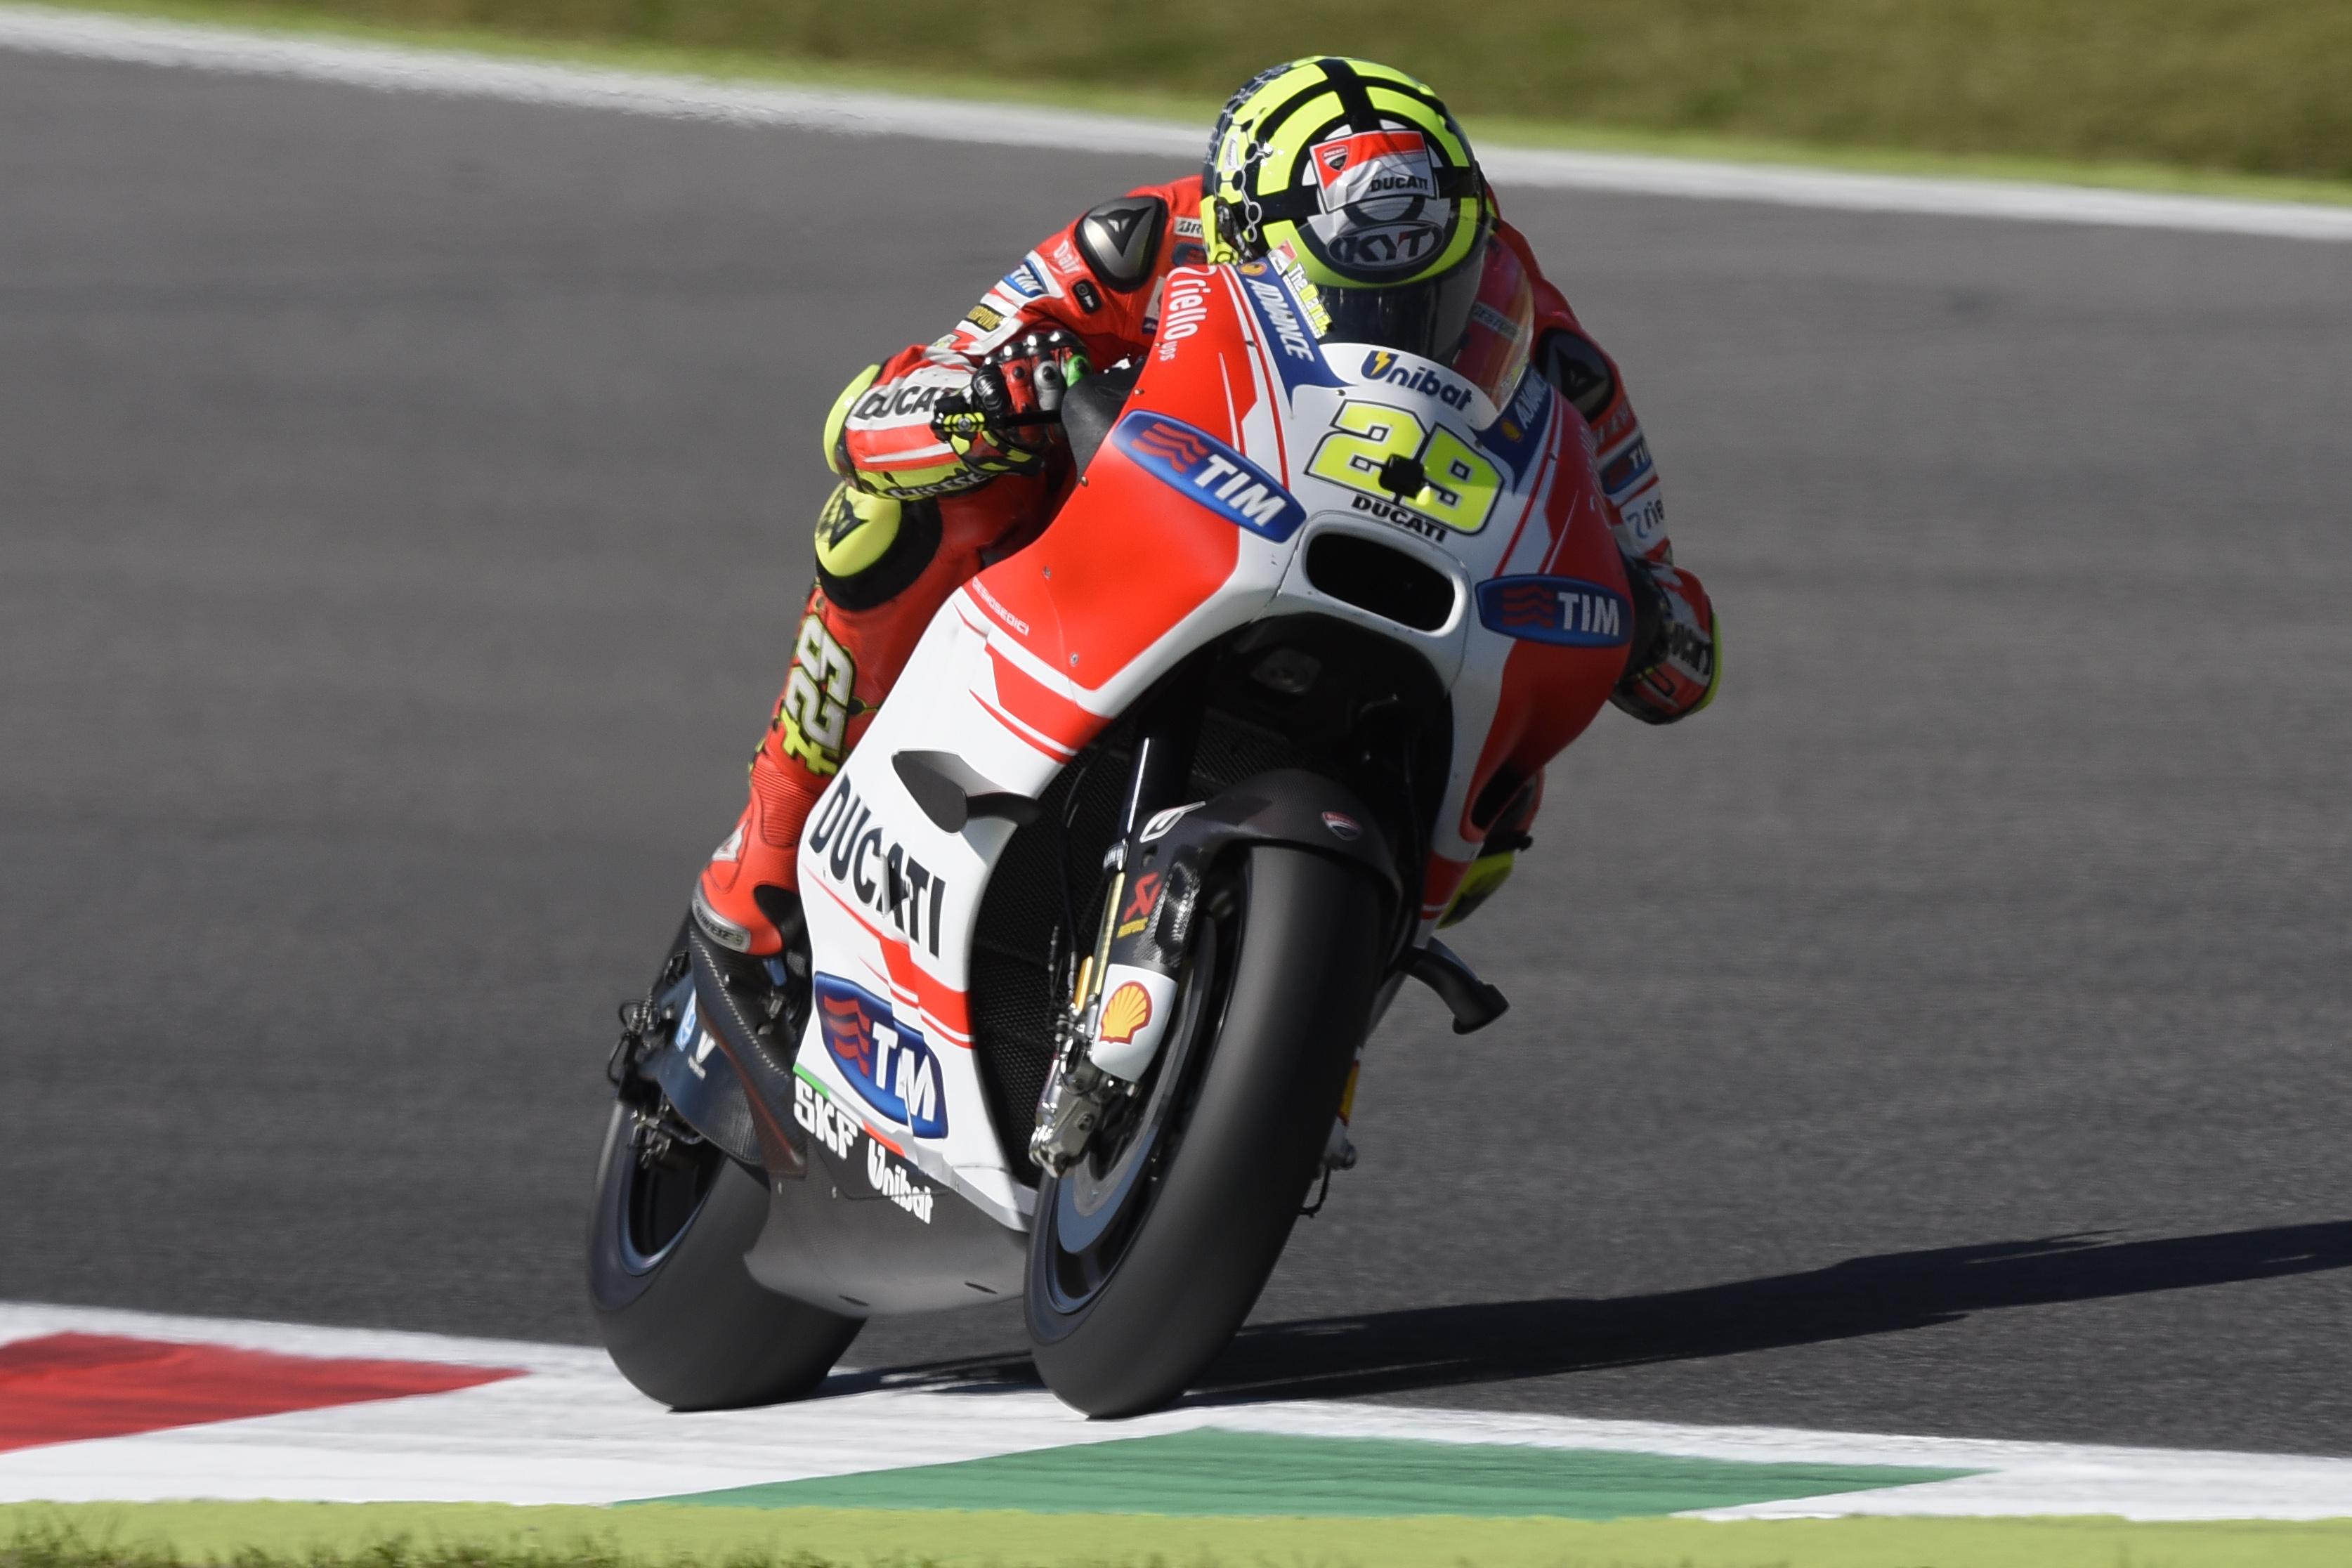 Andrea-Iannone-Ducati-MotoGP-Mugello-2015-MotorLu.jpg